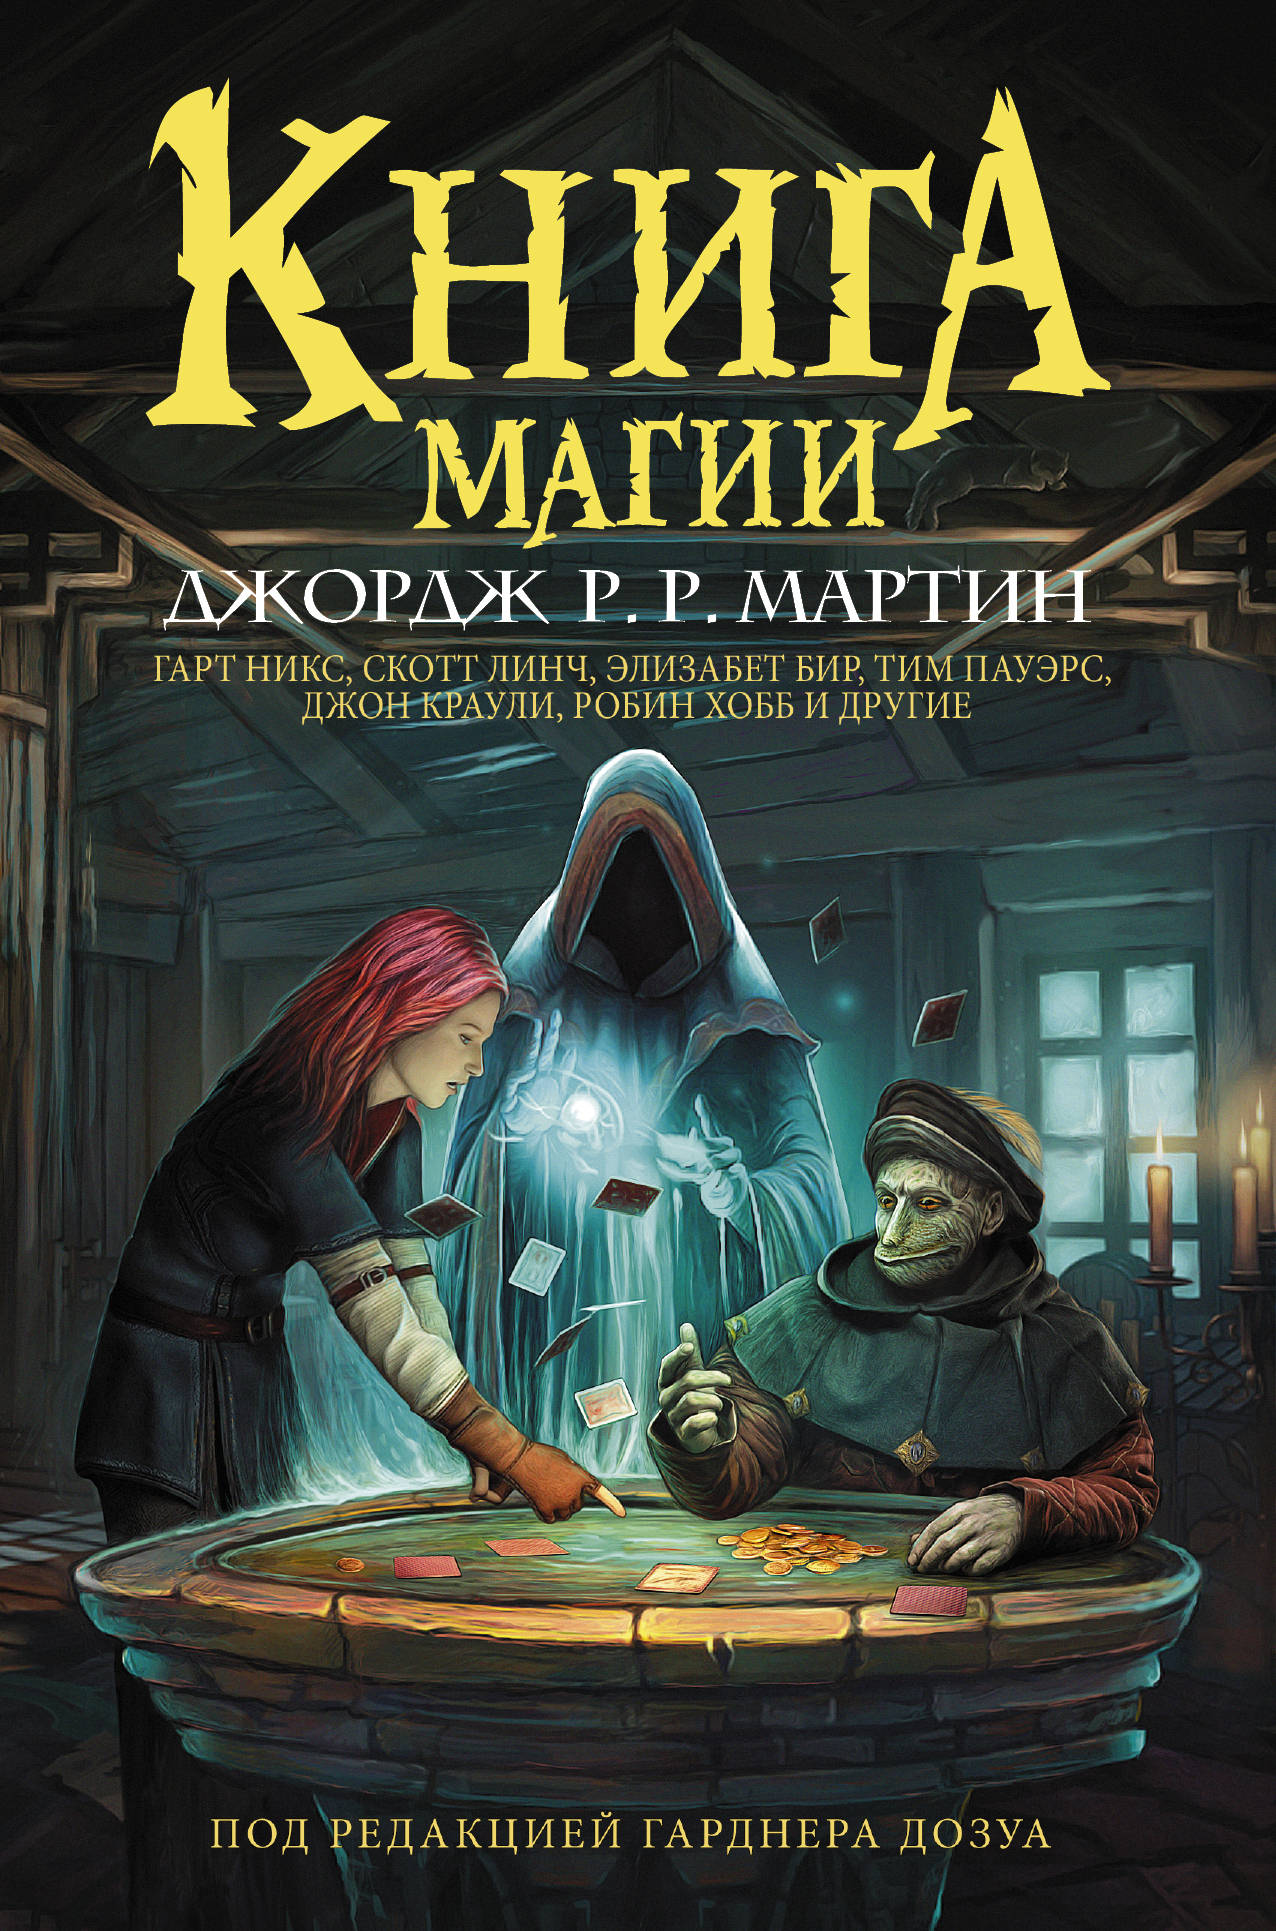 Мартин Джордж Р.Р.,Гарднер Дозуа Книга магии